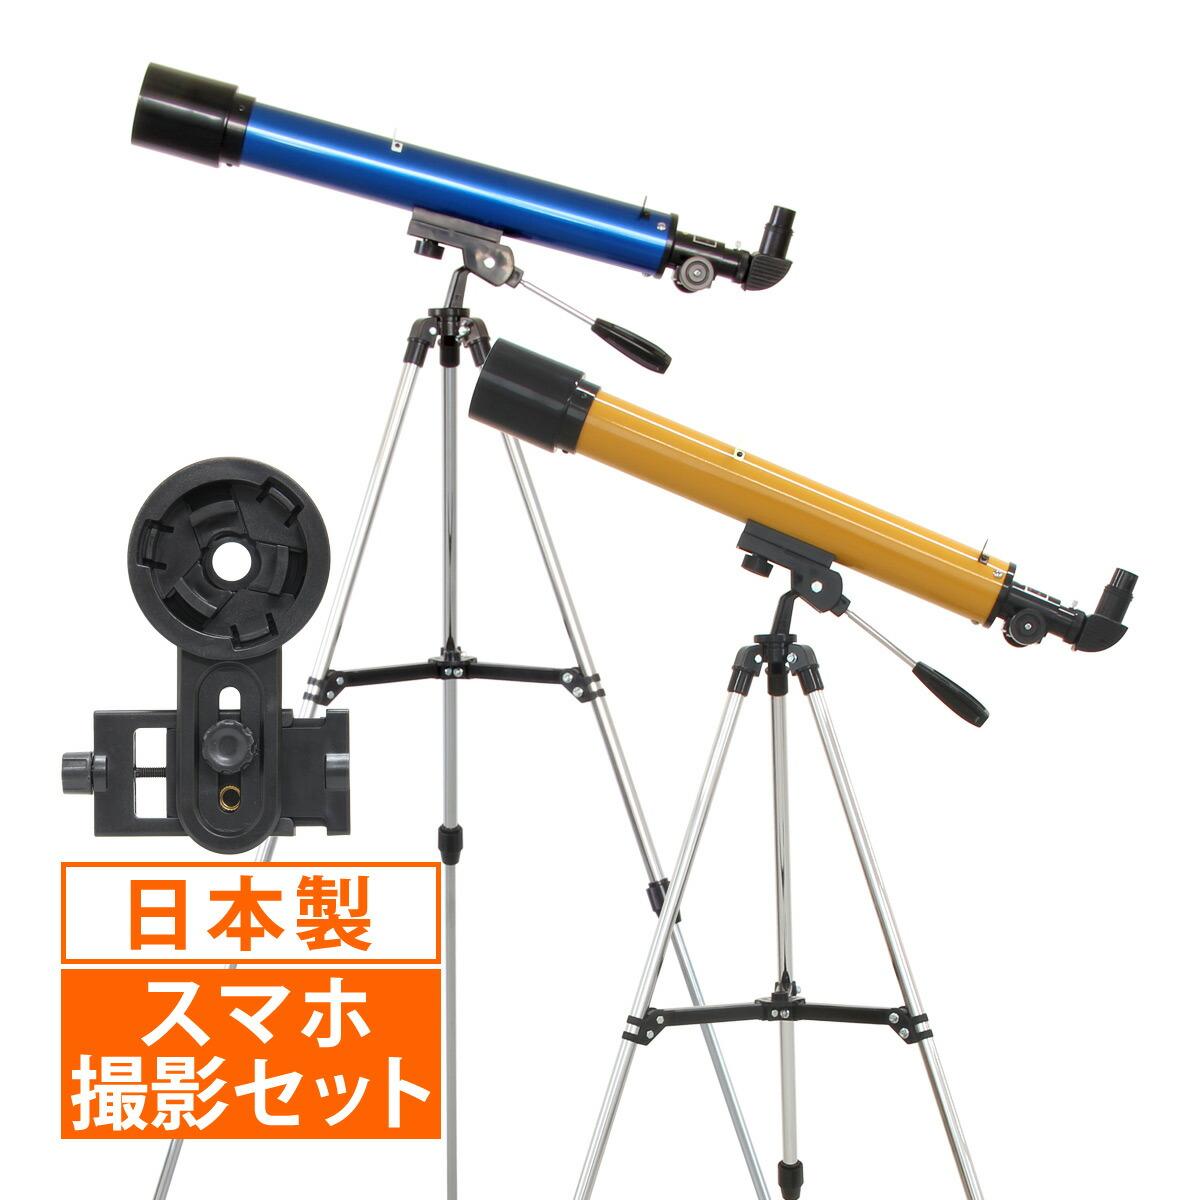 屈折式天体望遠鏡 レグルス60